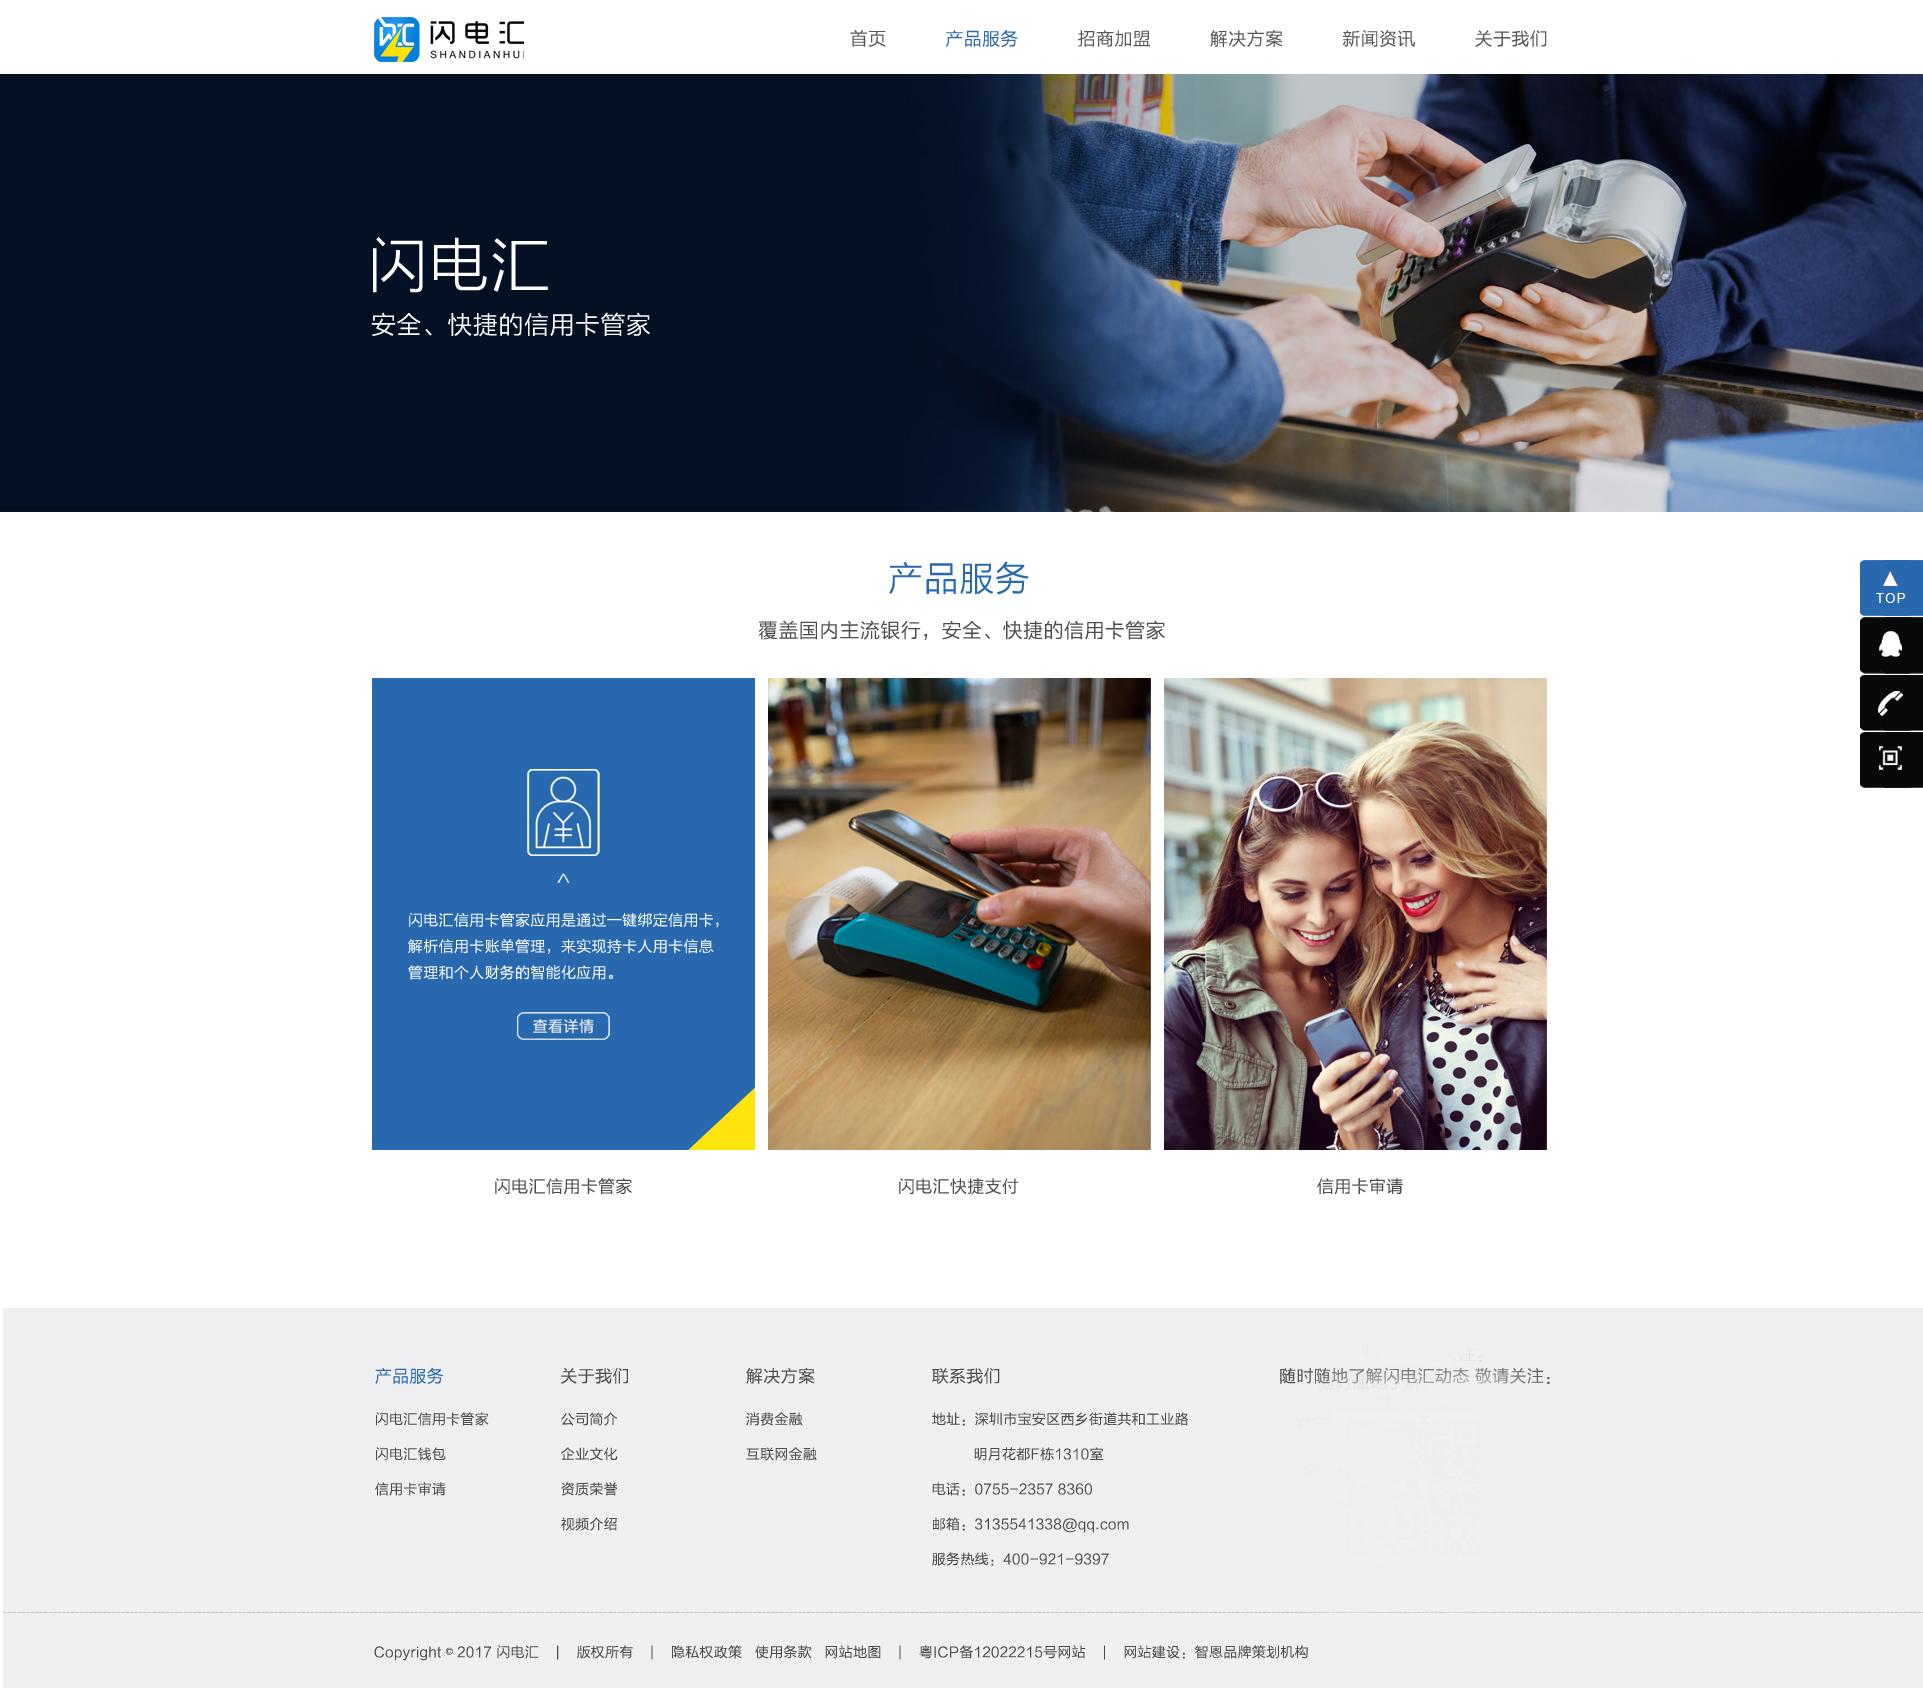 金融公司科技公司网站设计